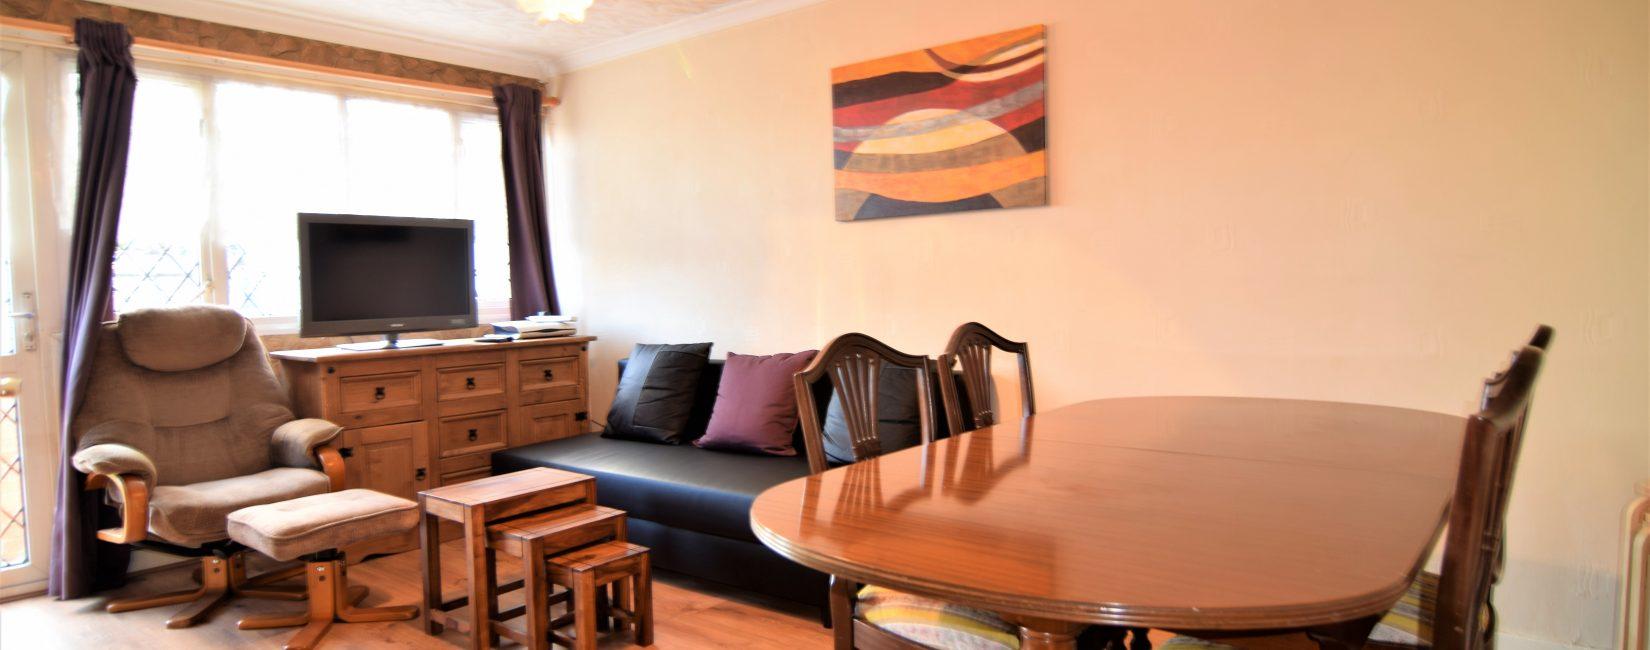 Dinning Room & Bar